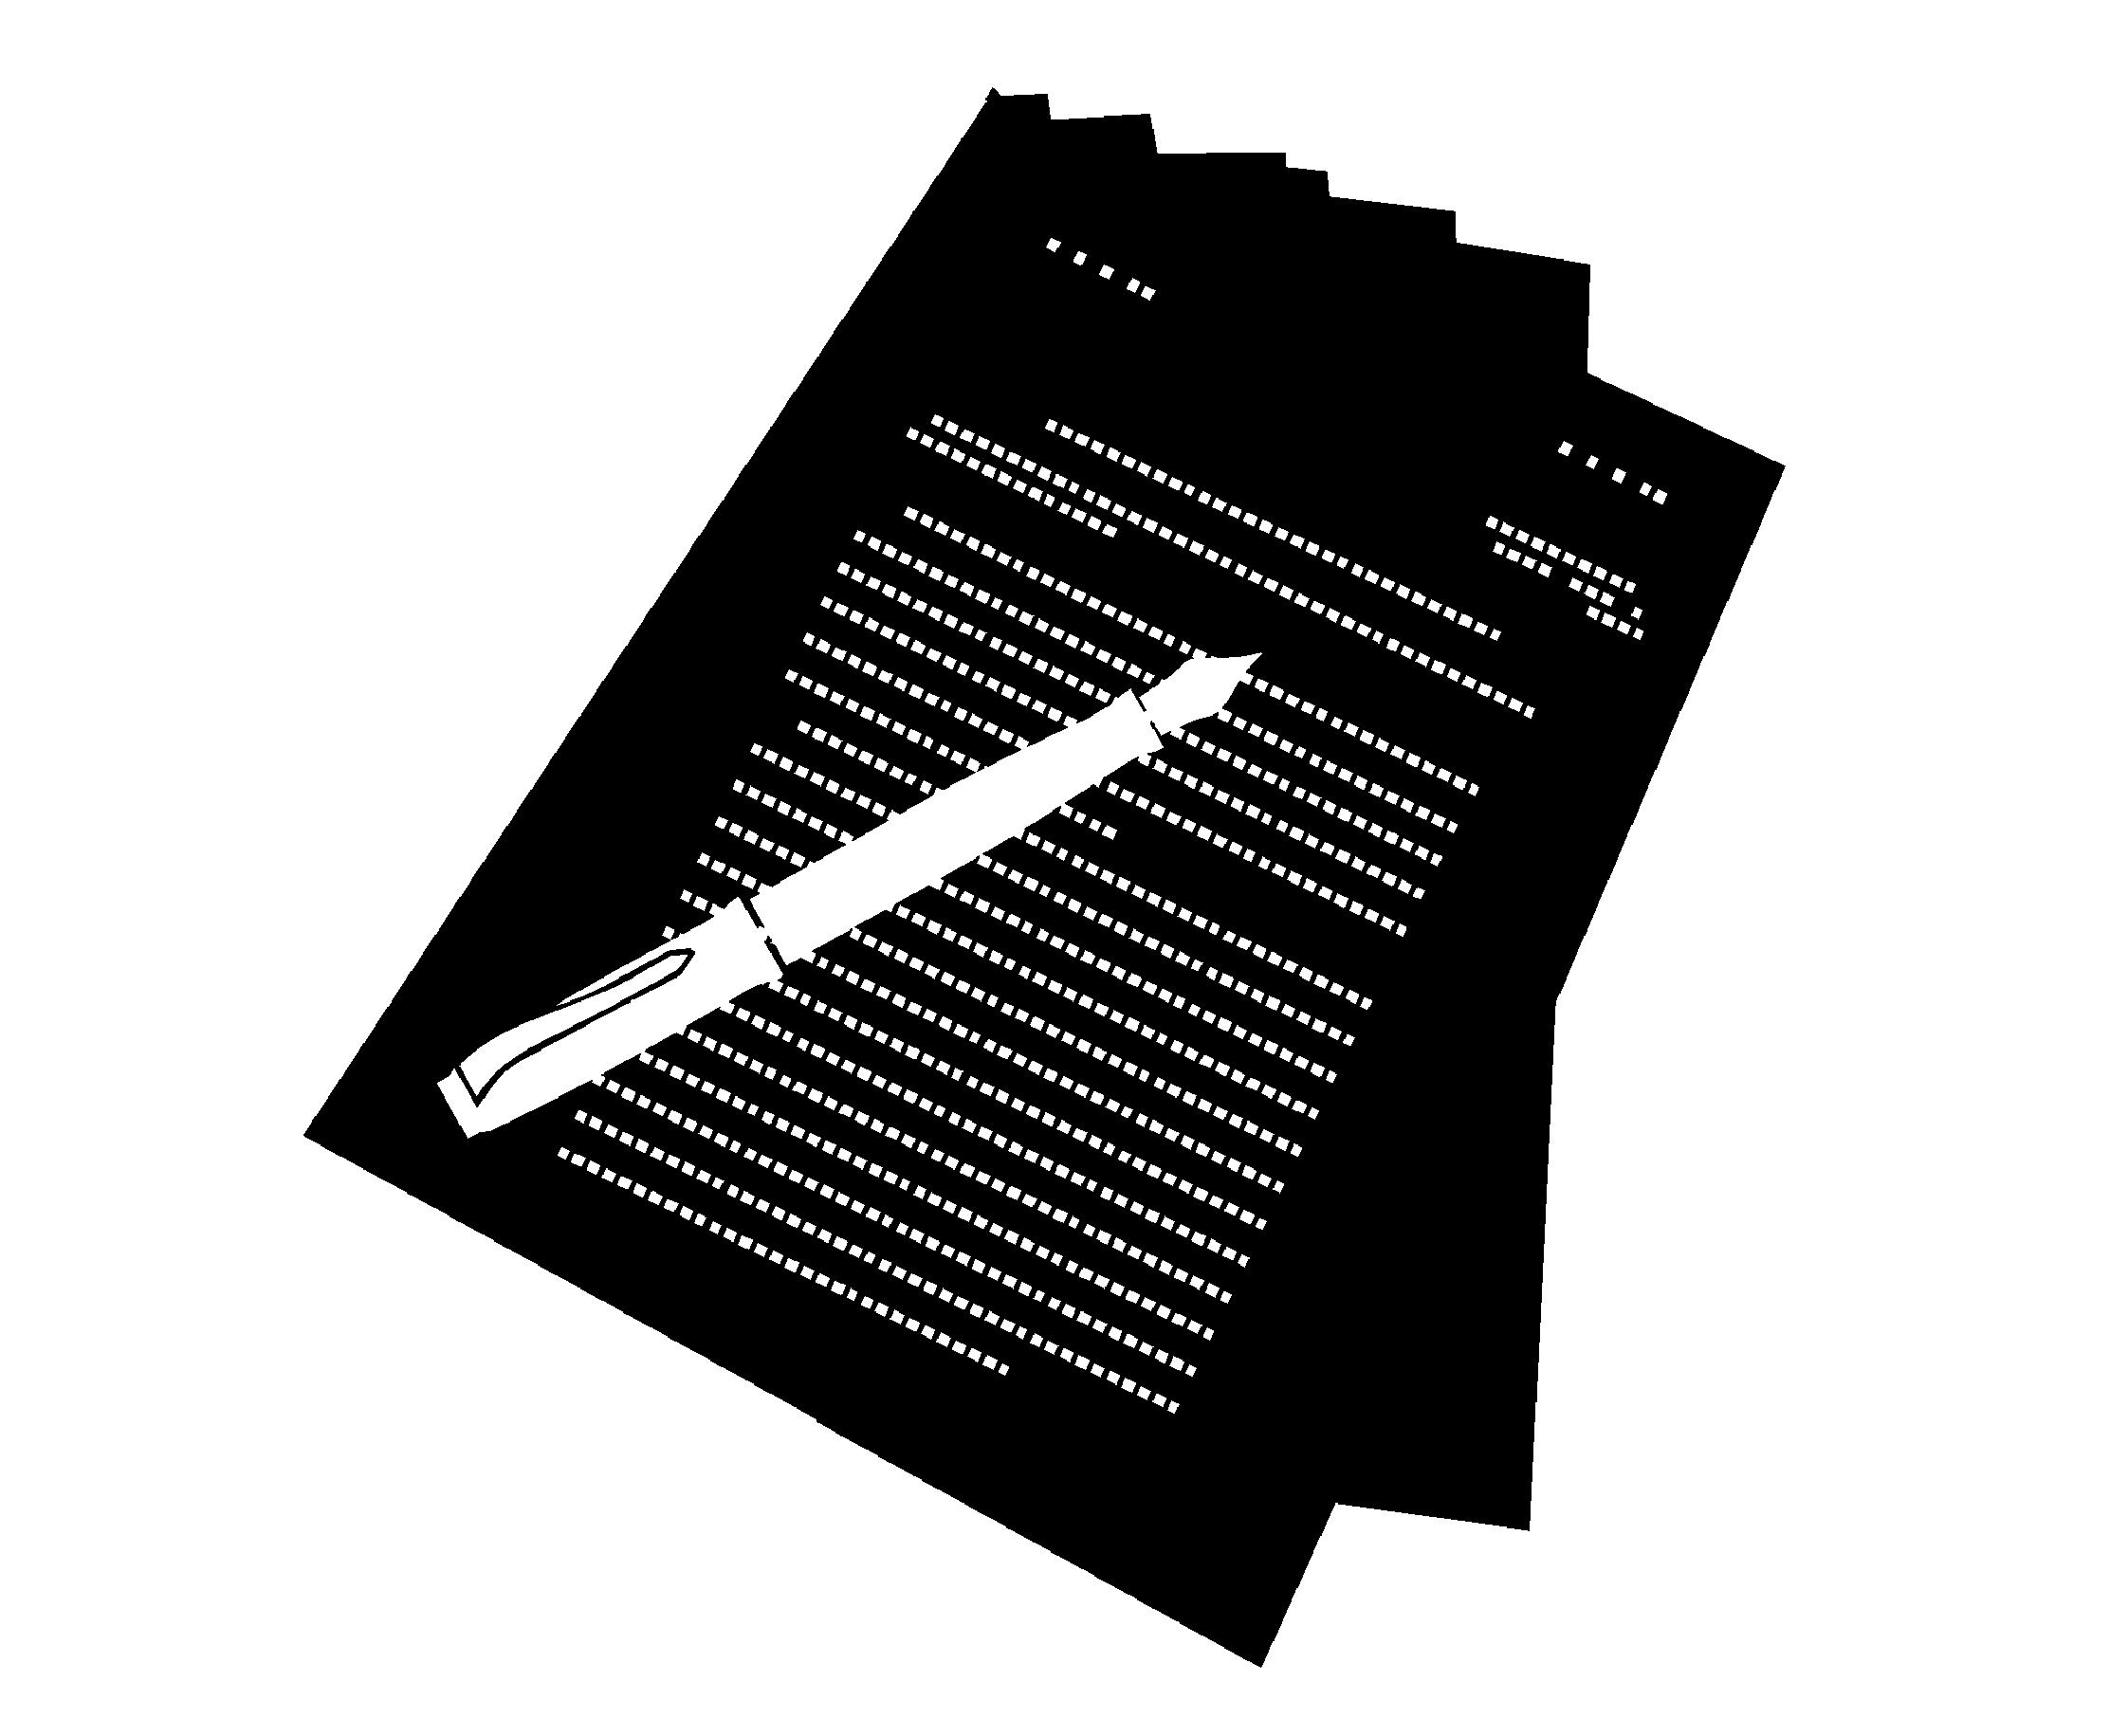 株式会社名古屋臨床薬理研究所の会社概要